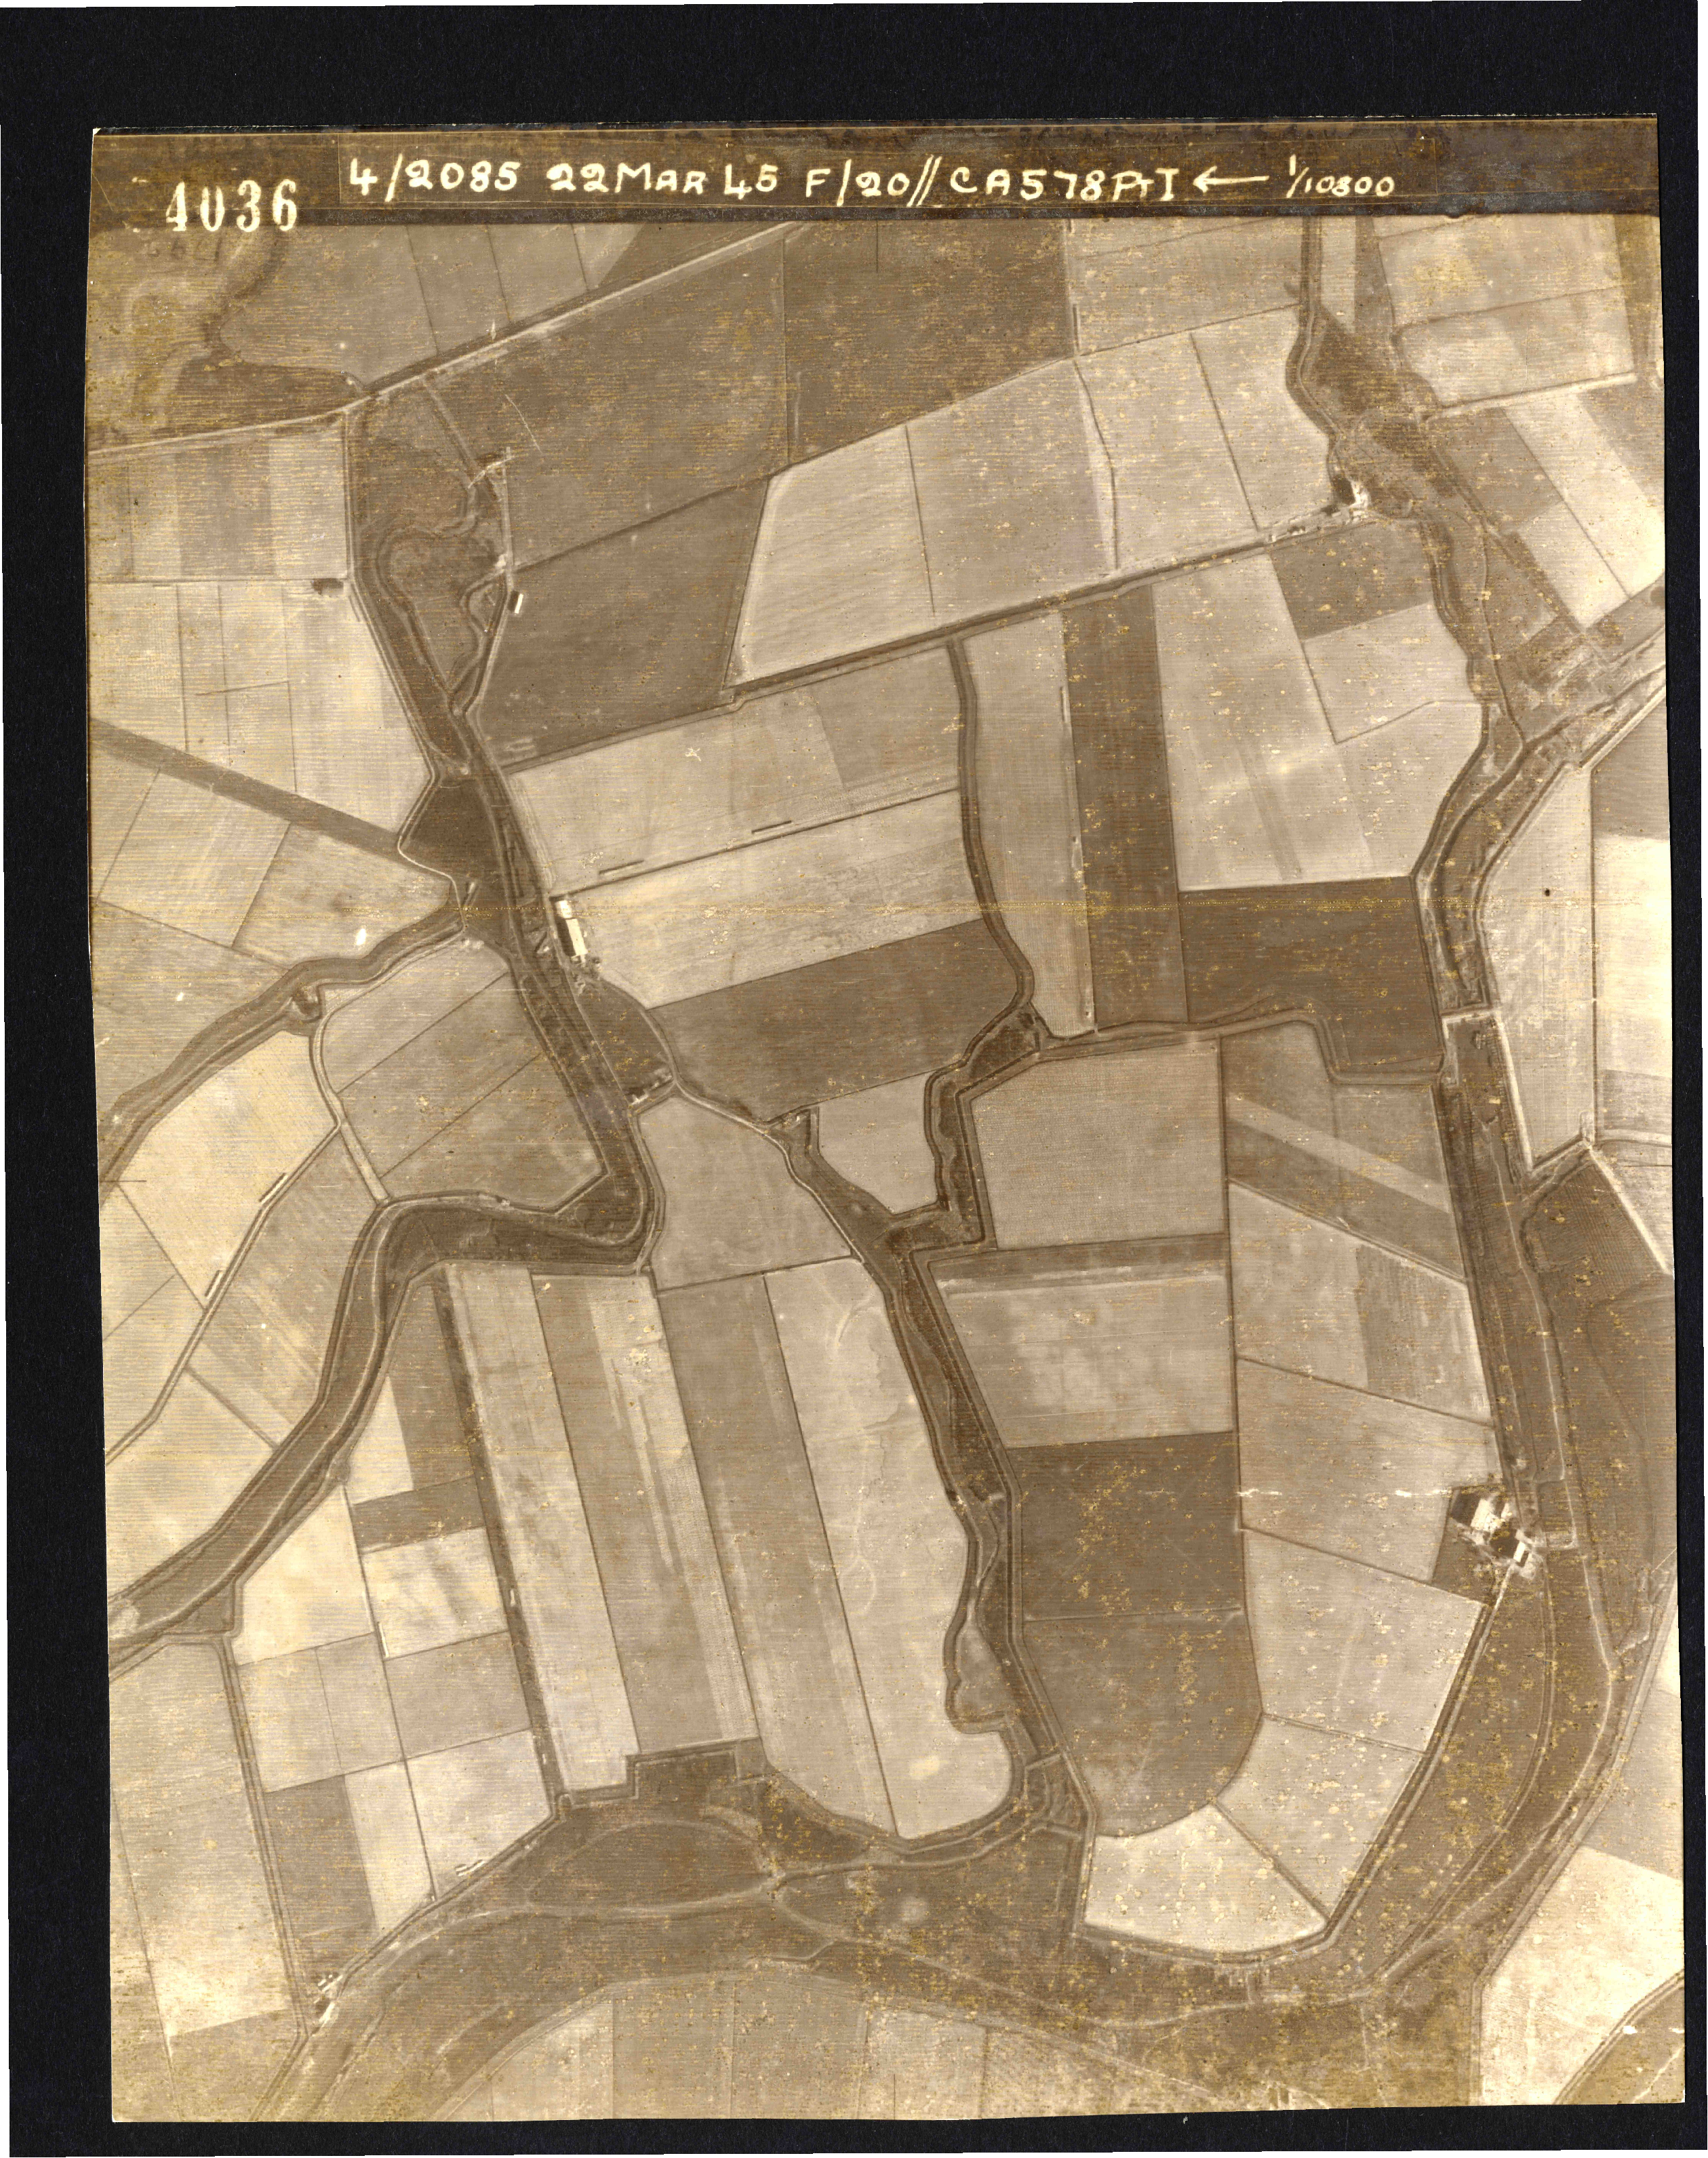 Collection RAF aerial photos 1940-1945 - flight 021, run 01, photo 4036